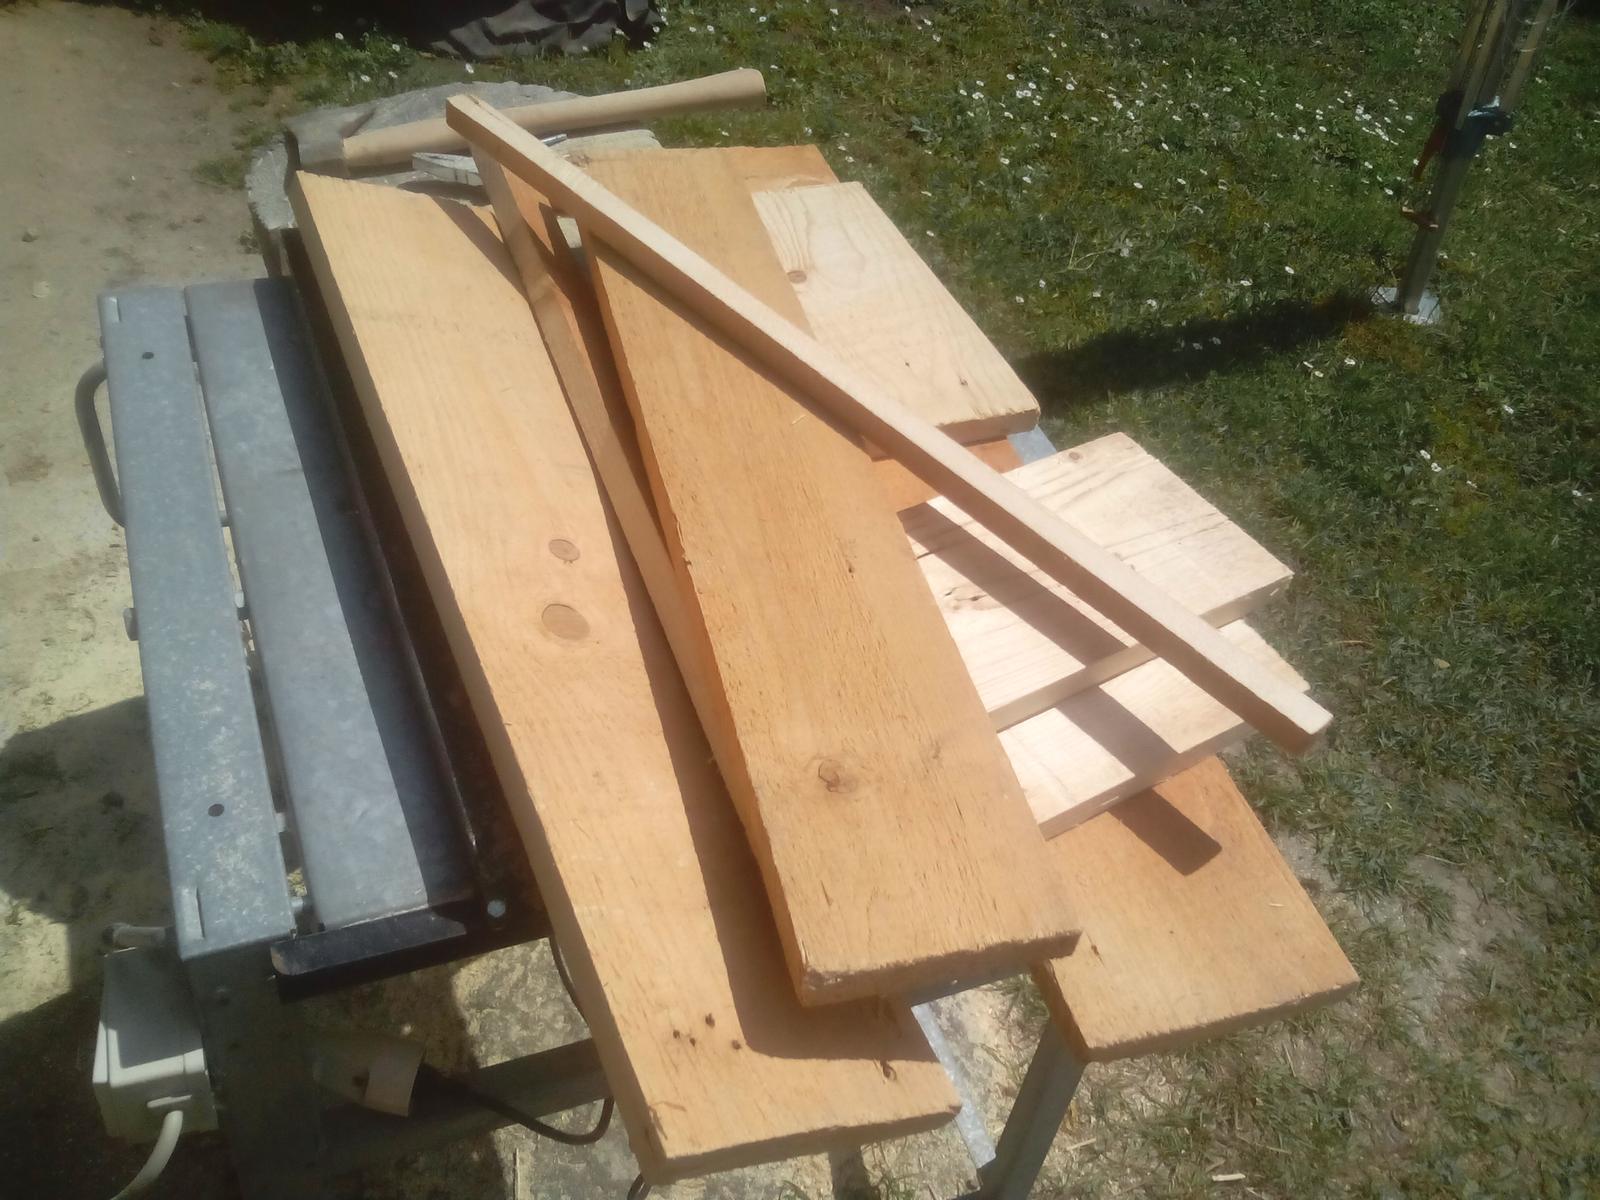 Ešte raz niečo zo zbytkov dreva - Narezal som zopár dosiek na rovnakú šírku, ale ešte stále som nevedel, ako budem pokračovať.